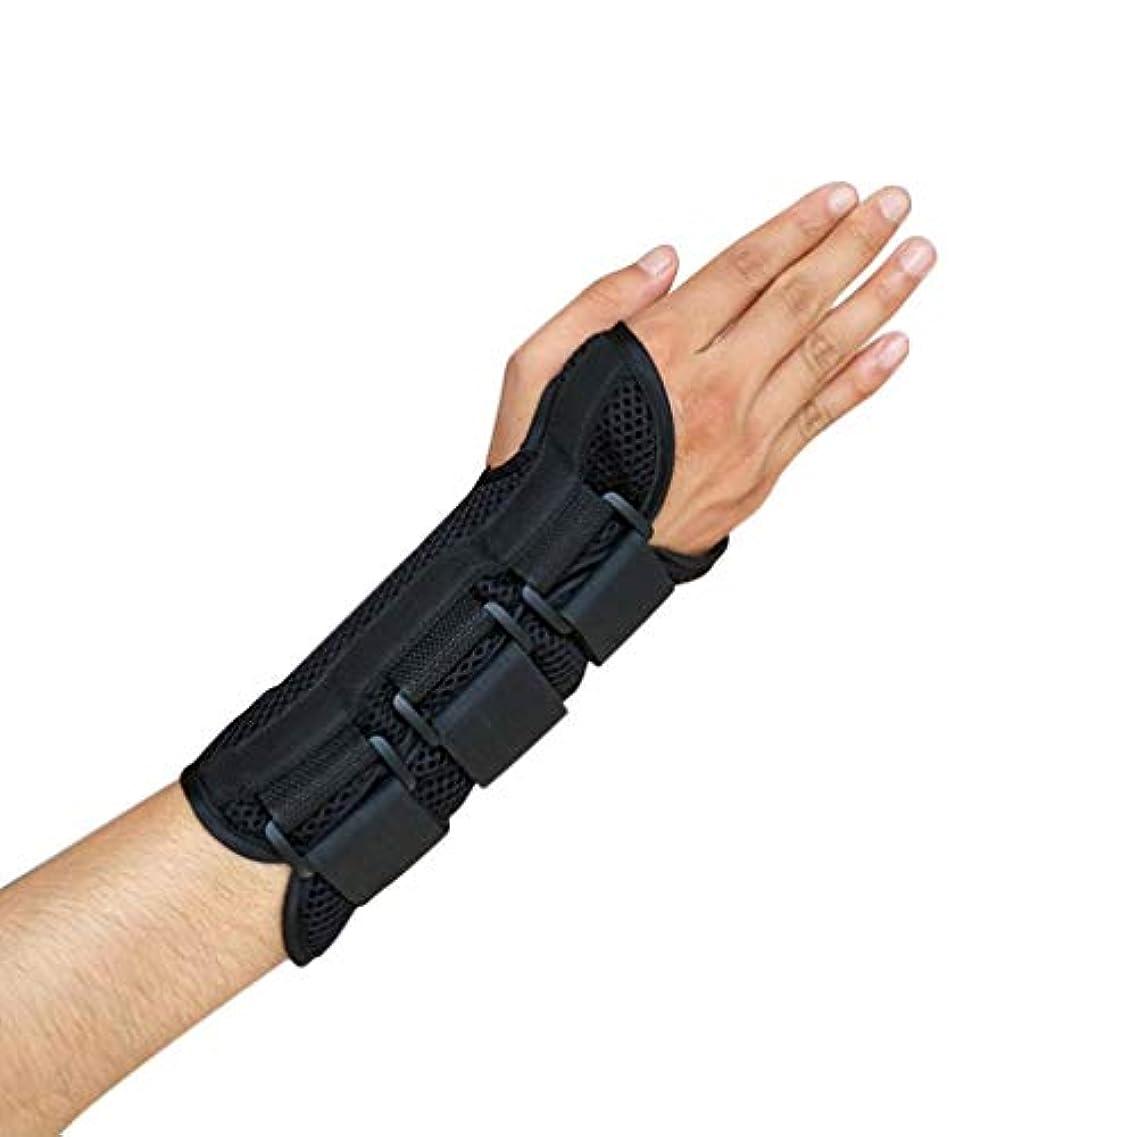 グレートバリアリーフ建物うそつき手根管手首ブレースサポート捻Sp前腕スプリントバンドストラップ保護-Rustle666